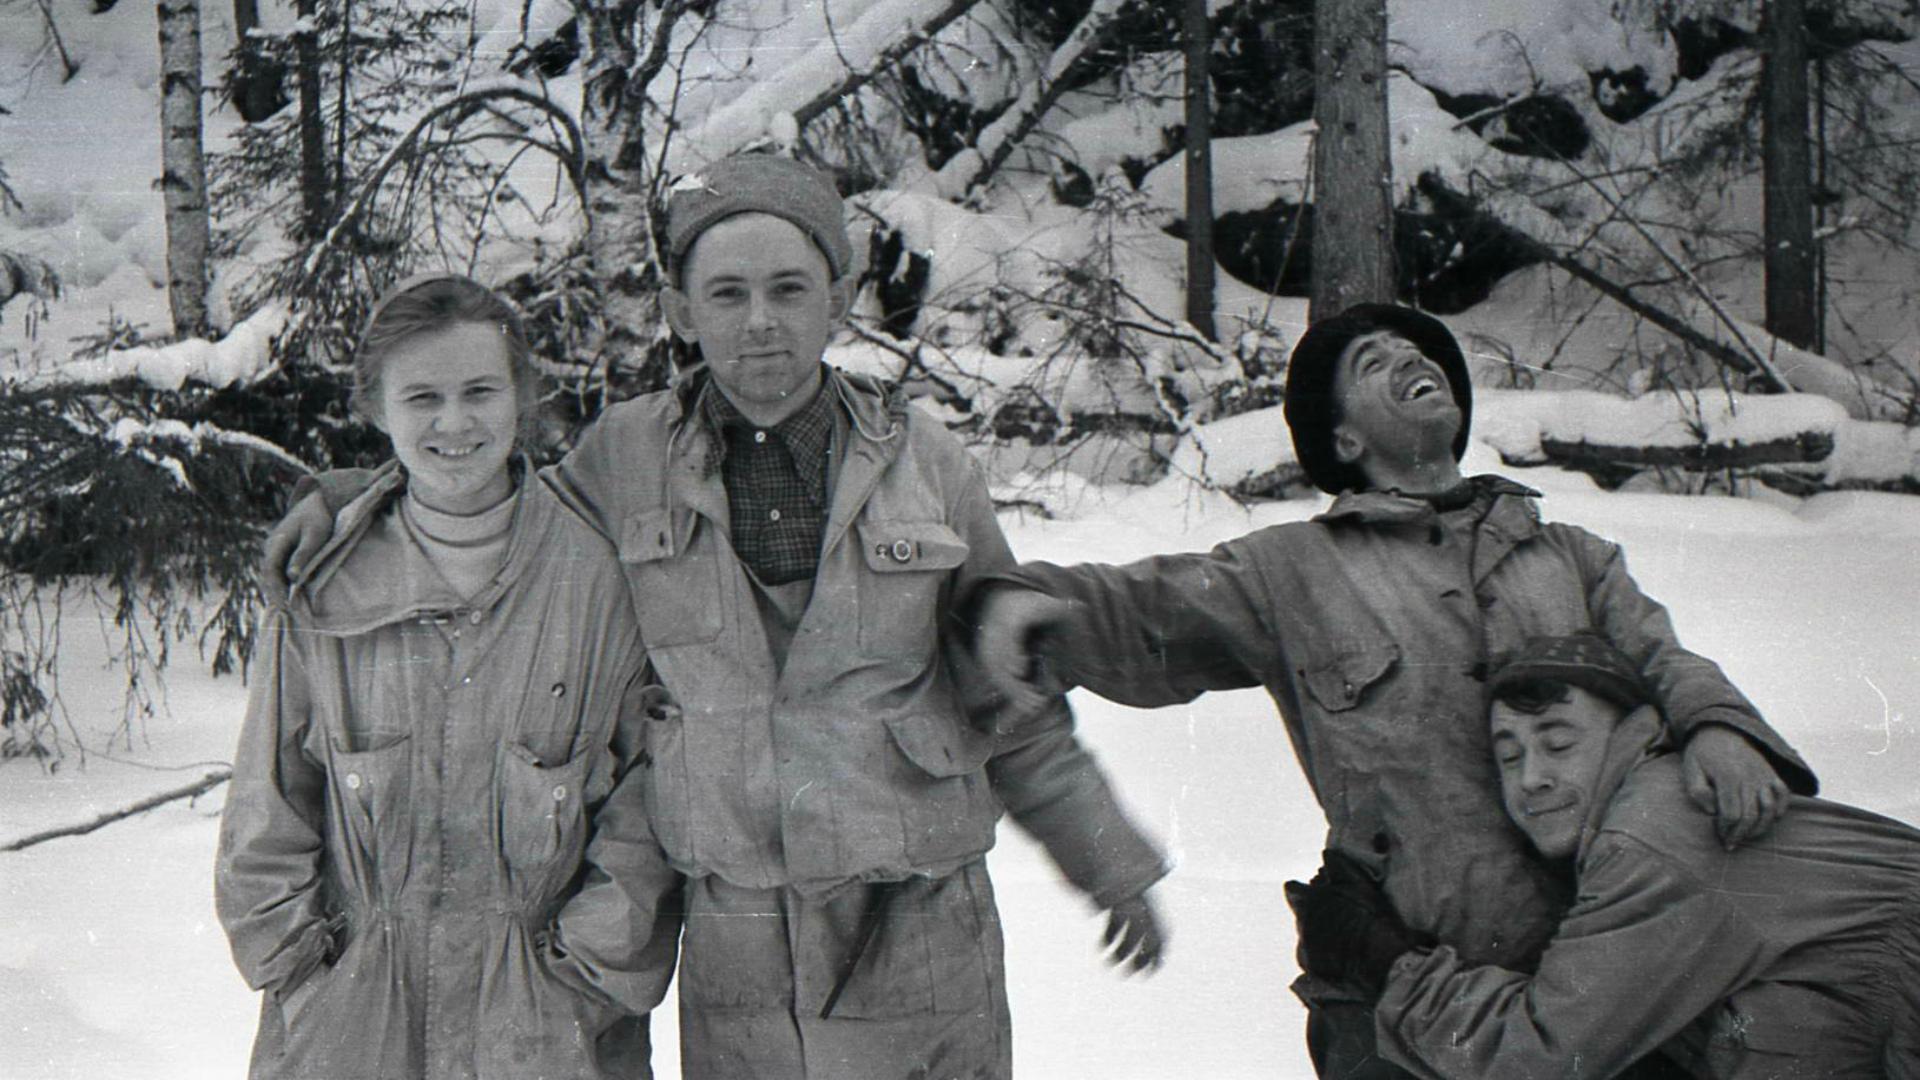 перевал дятлова, СССР, Россия, тайна, секрет, расследование